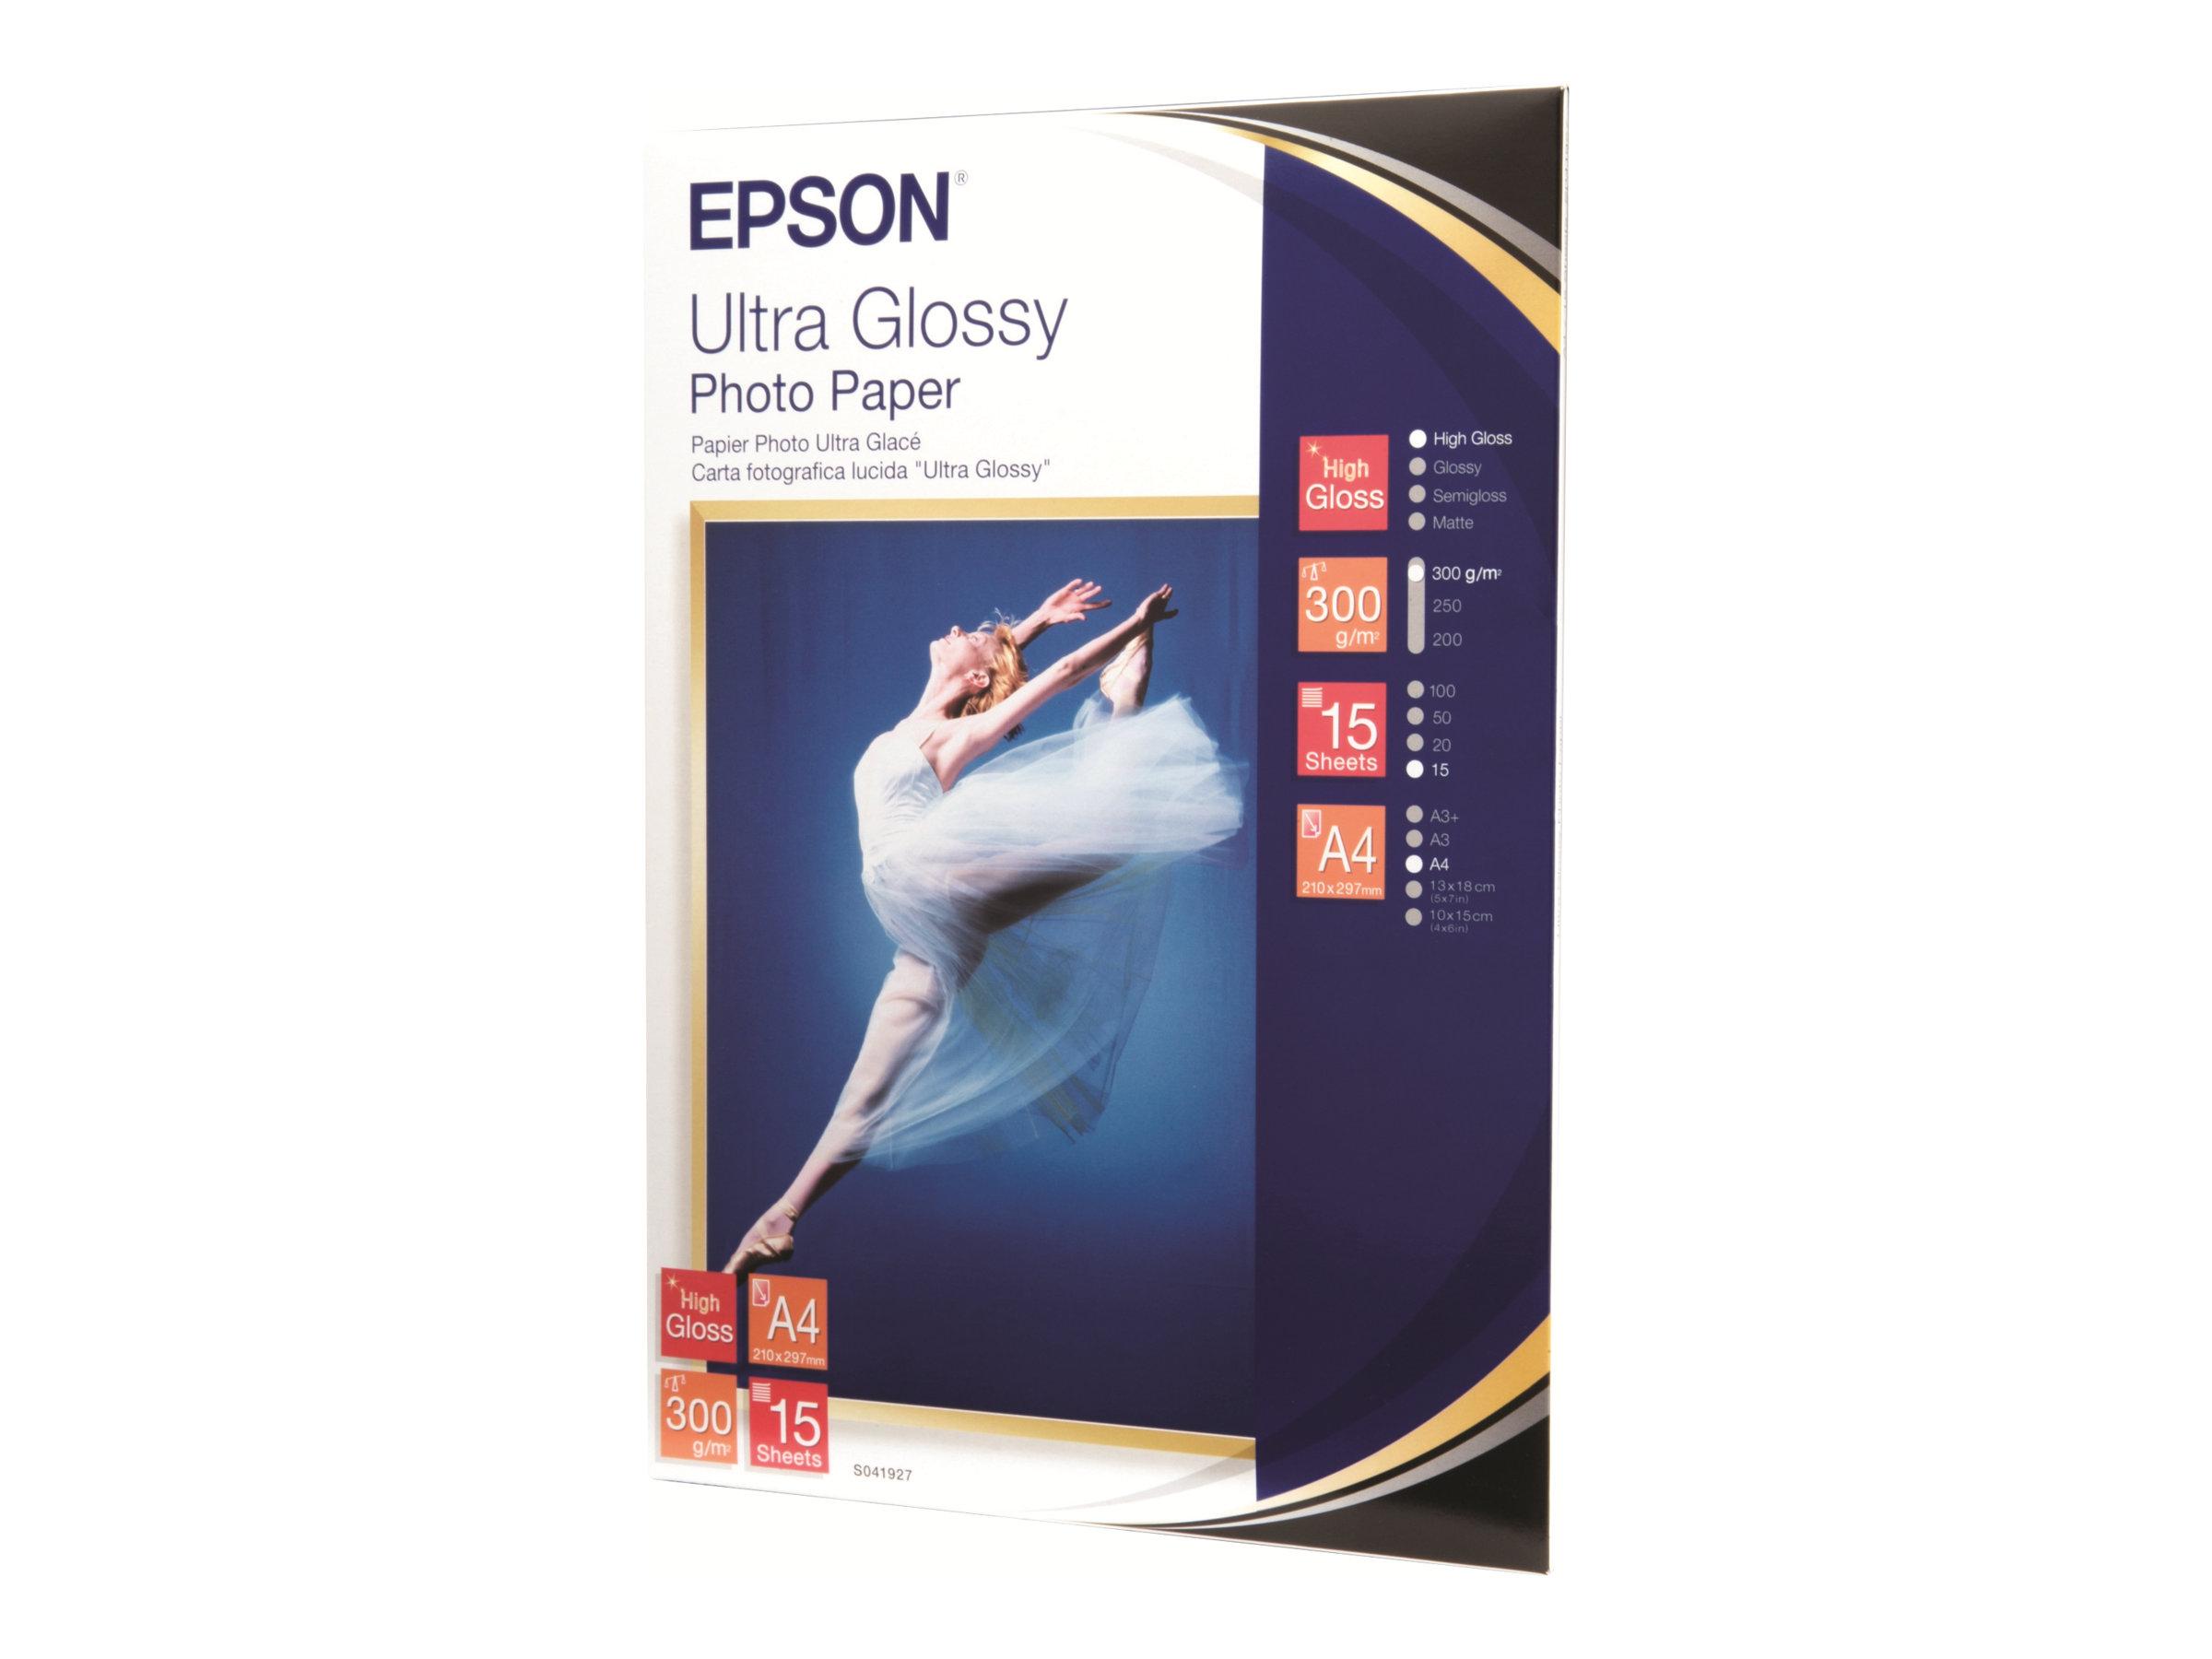 Epson Ultra Glossy Photo Paper - Glänzend - A4 (210 x 297 mm)